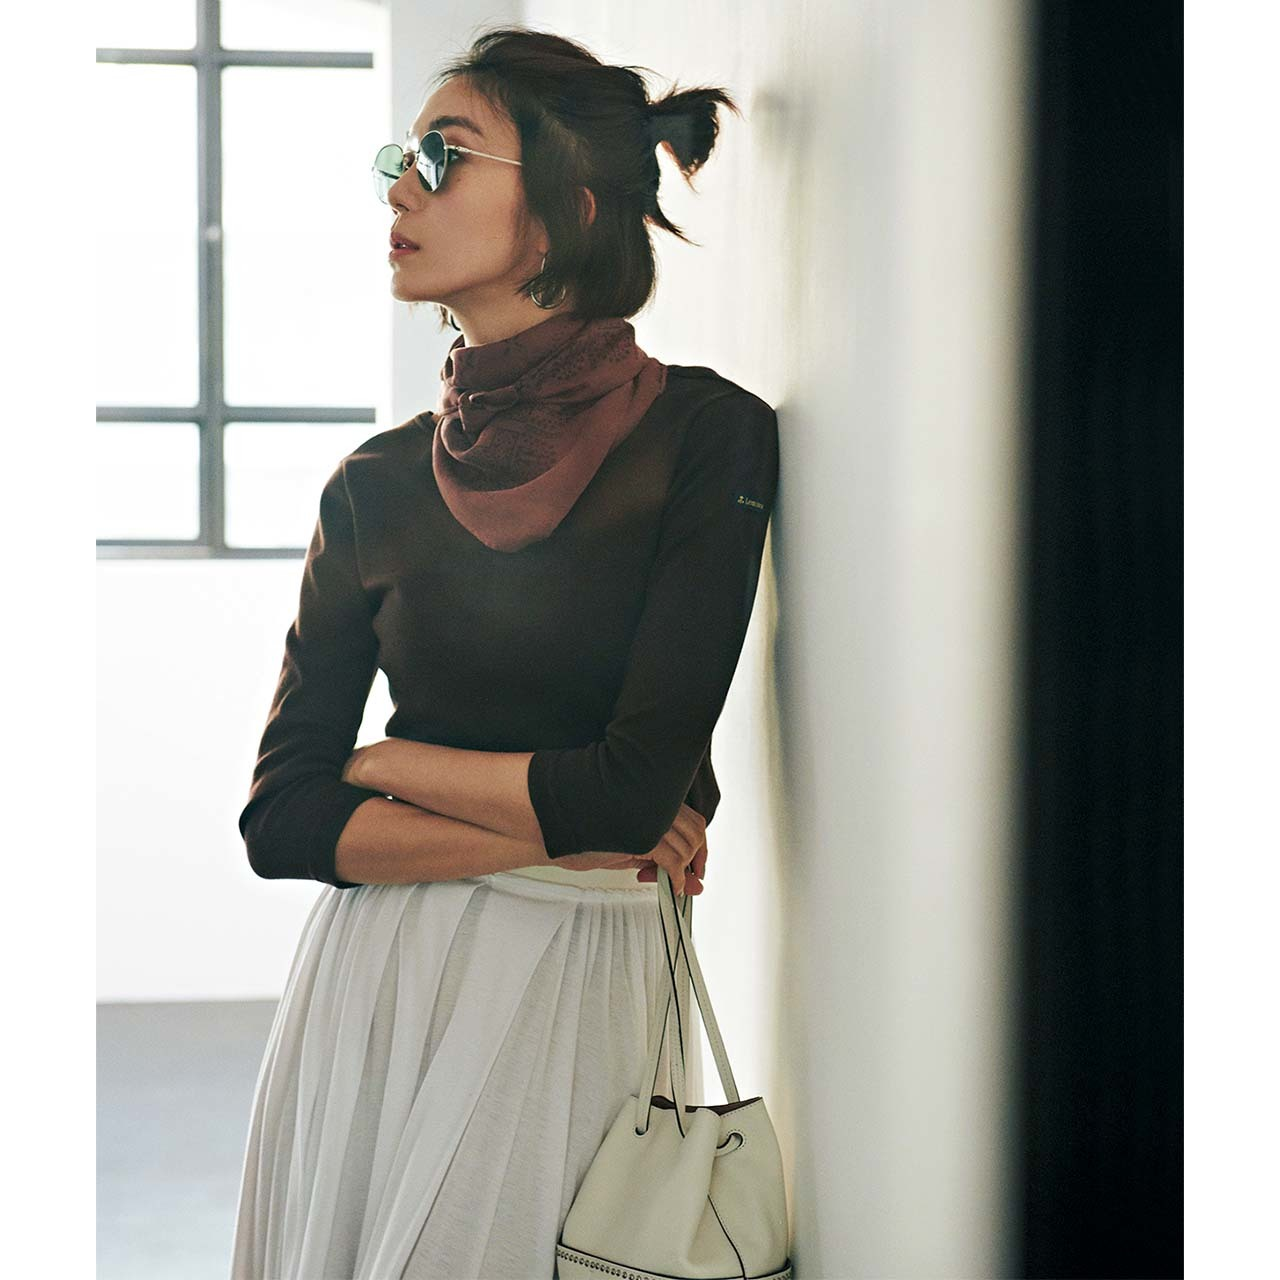 スカーフ×カットソーコーデを着たモデルの竹内友梨さん